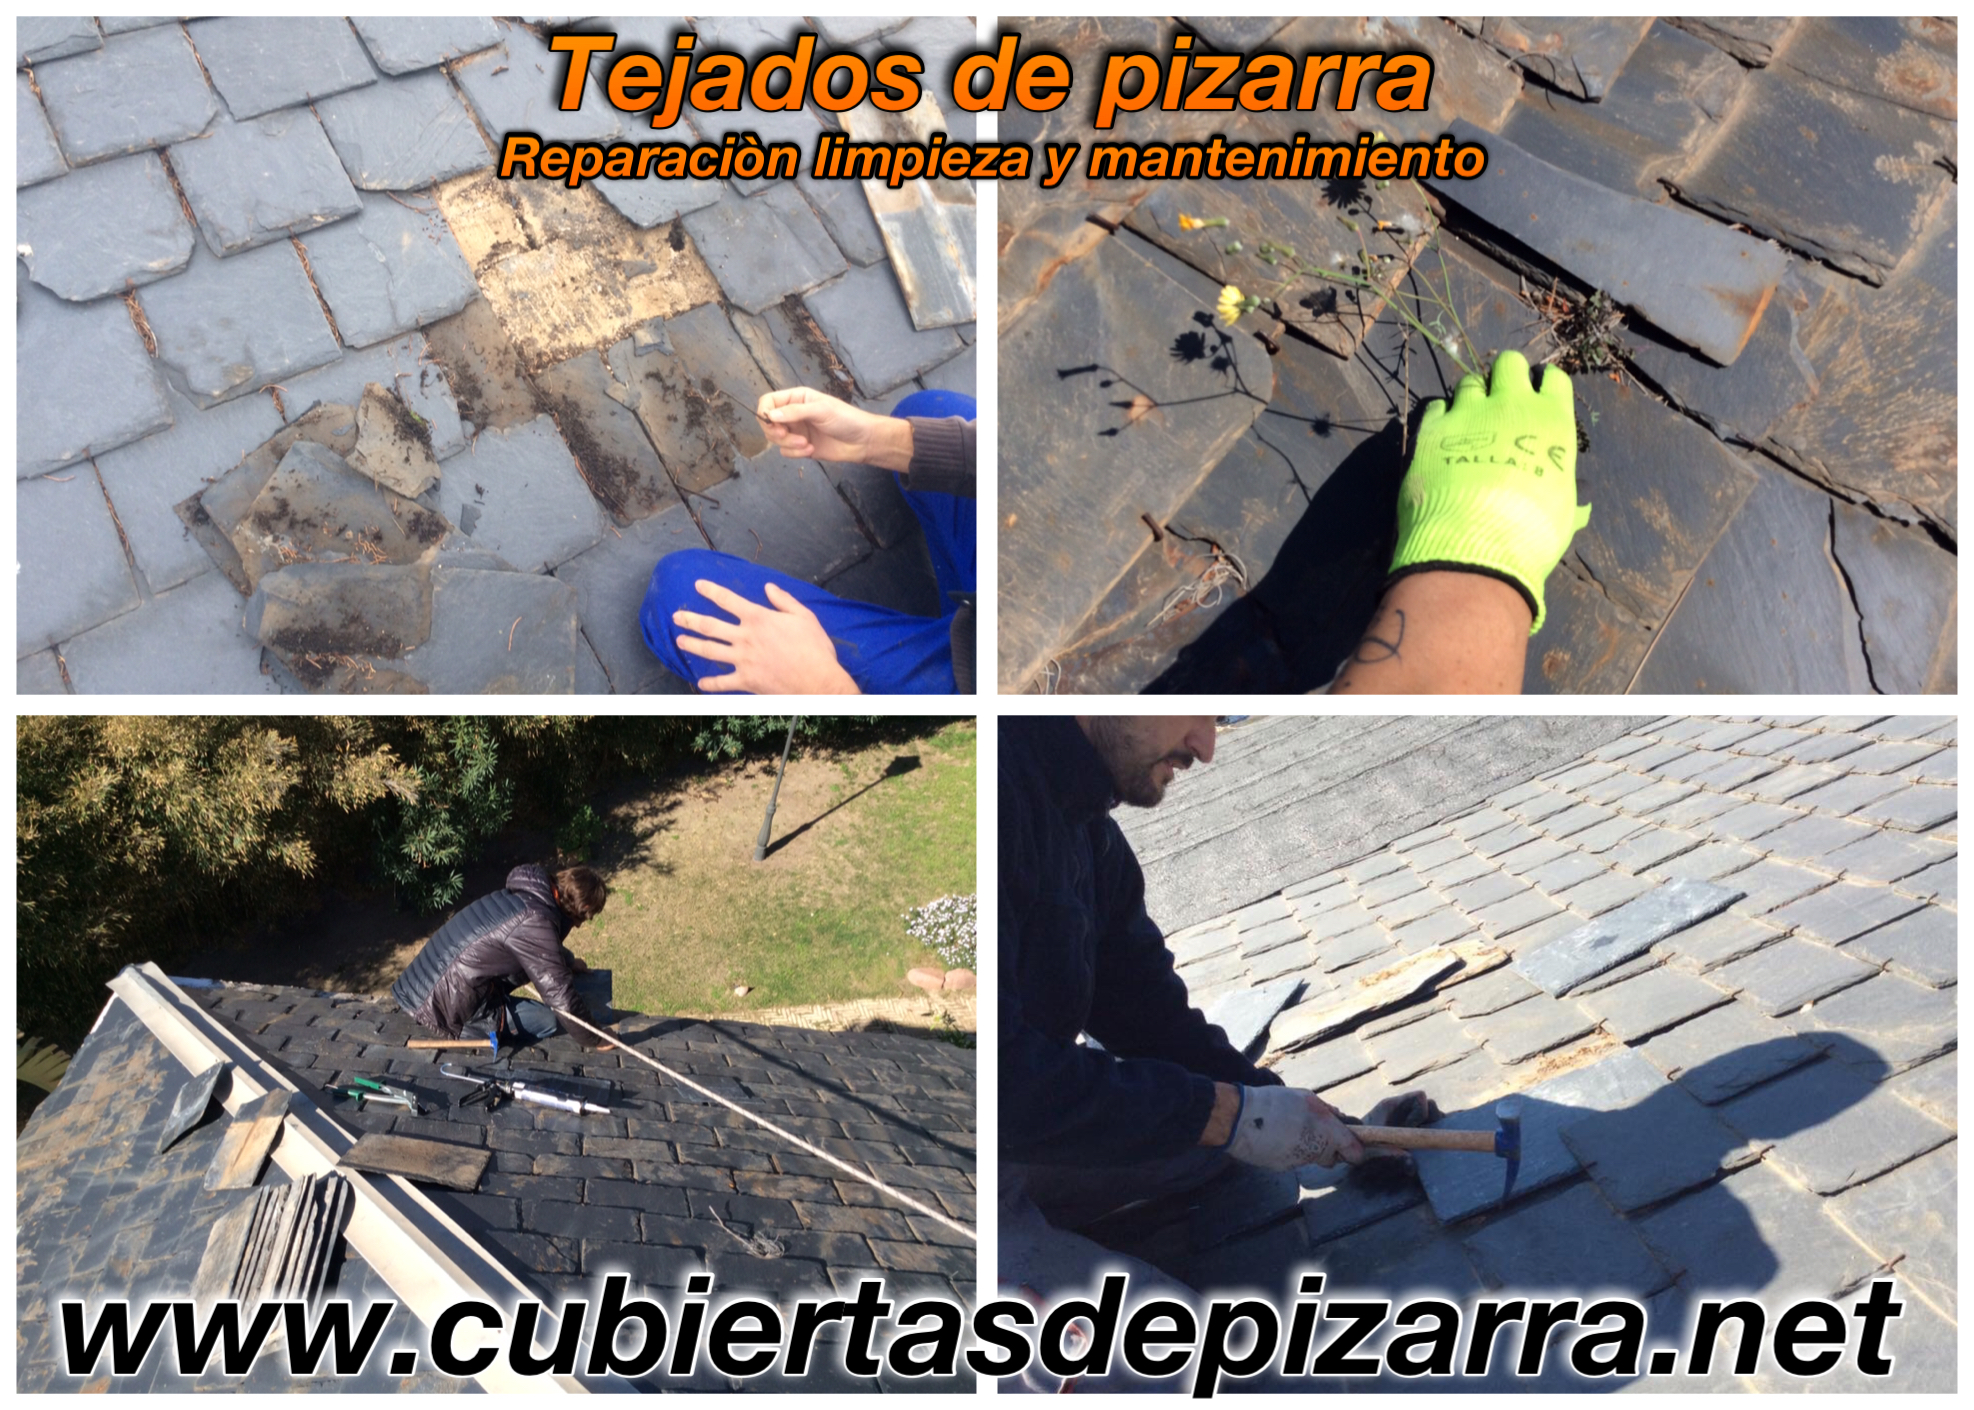 pizarras rotas en el tejado madrid